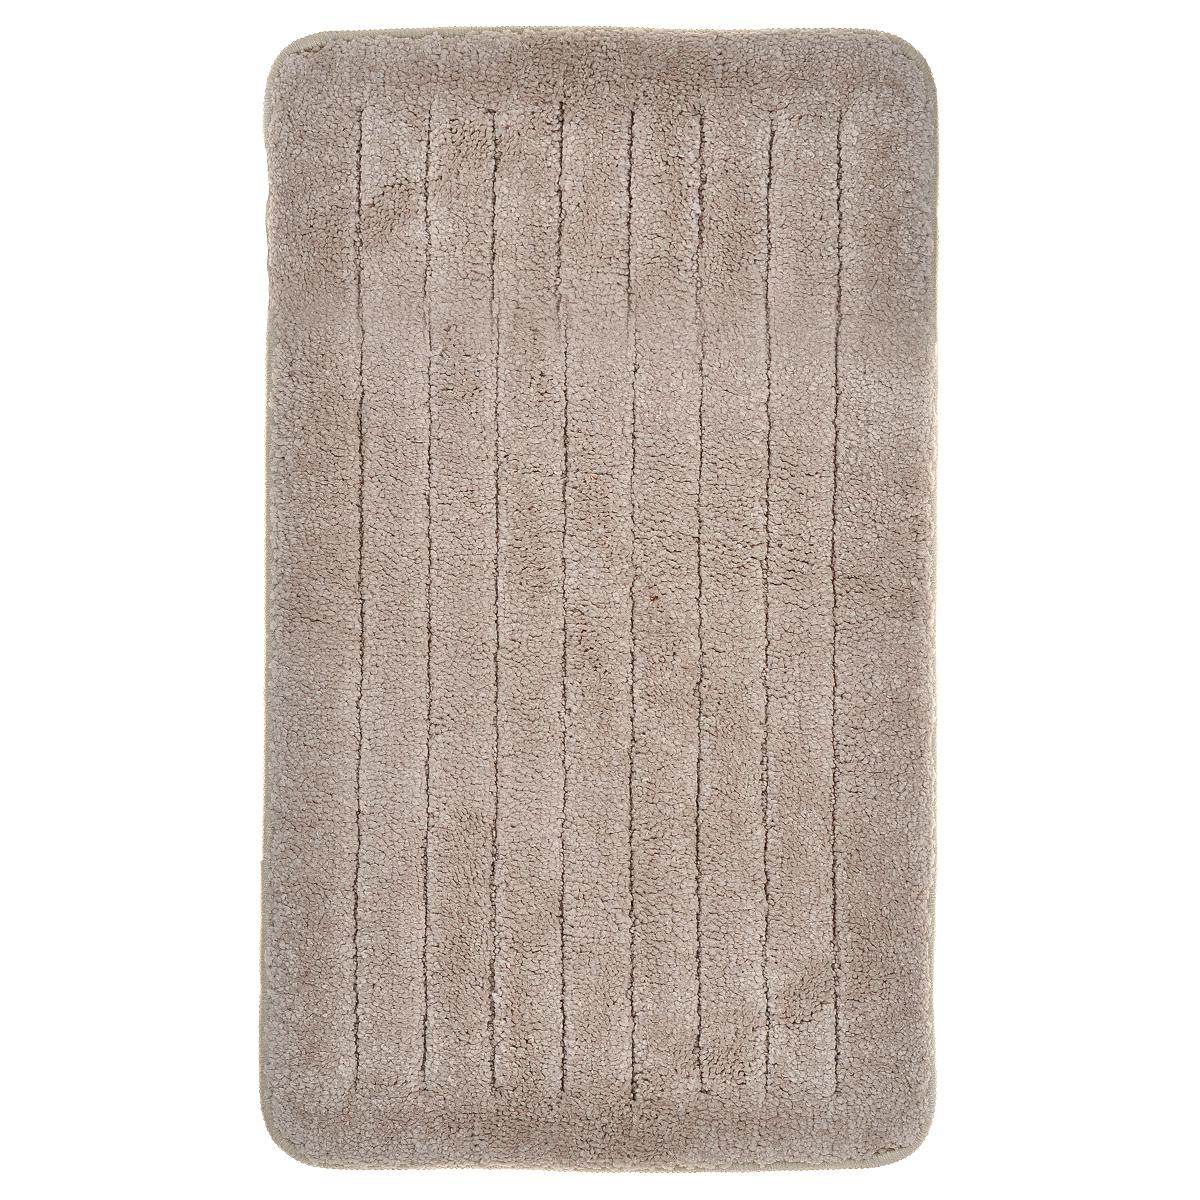 Коврик для ванной комнаты Milardo Street Way, 40 см х 70 см. MMI100MMMI100MКоврик для ванной комнаты Milardo Street Way выполнен из микрофибры (100% полиэстер) - это особо мягкий материал, изготовленный из тончайших волокон. Коврик удивительно приятен и нежен на ощупь, обладает уникальными впитывающими свойствами. Он имеет латексную основу, благодаря которой он не скользит по полу. Края коврика обработаны оверлоком. Можно использовать на полу с подогревом.Коврик можно стирать в стиральной машине в щадящем режиме при температуре не выше 40°C отдельно от остального белья.